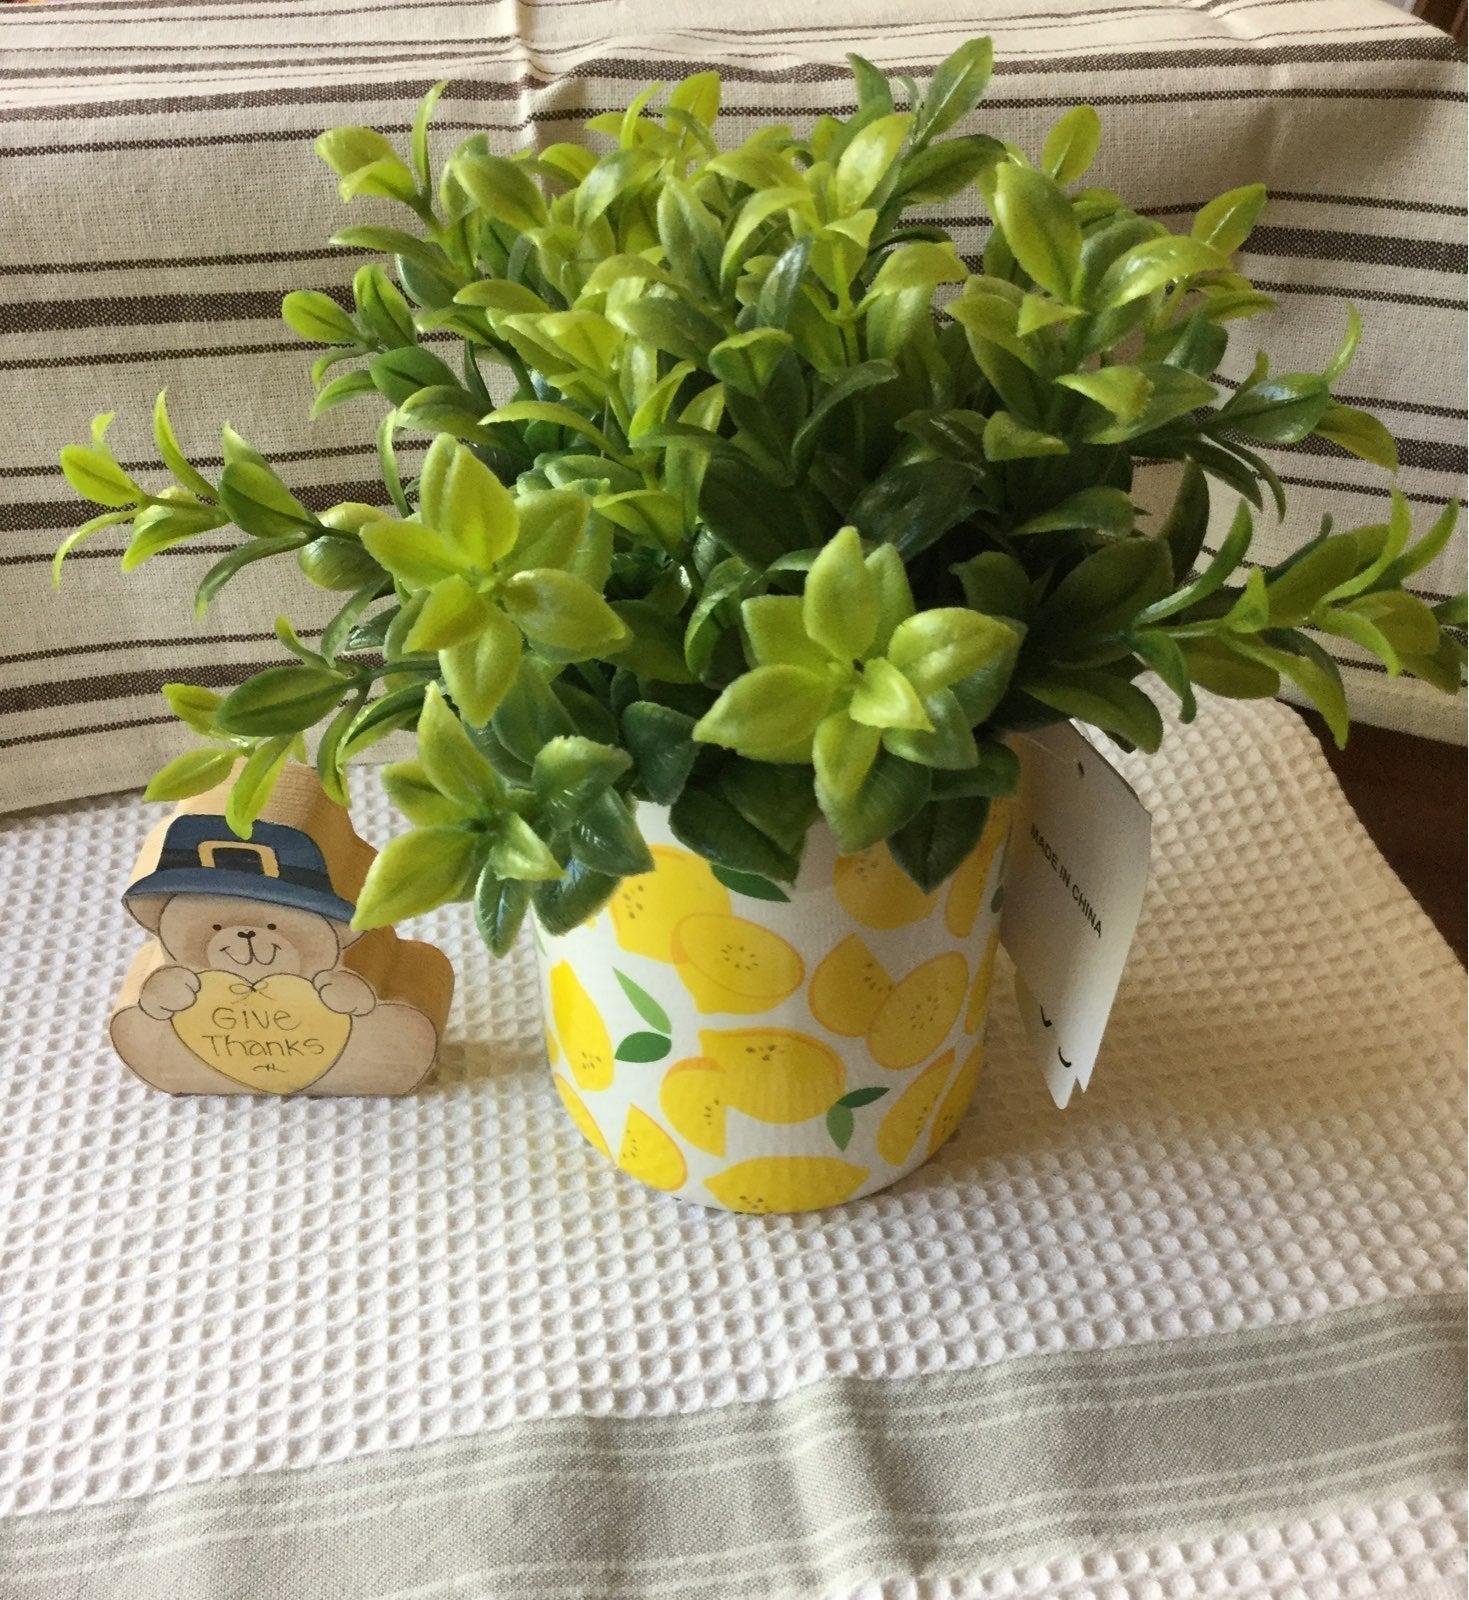 Ceramic Lemon Planter with Faux Plants